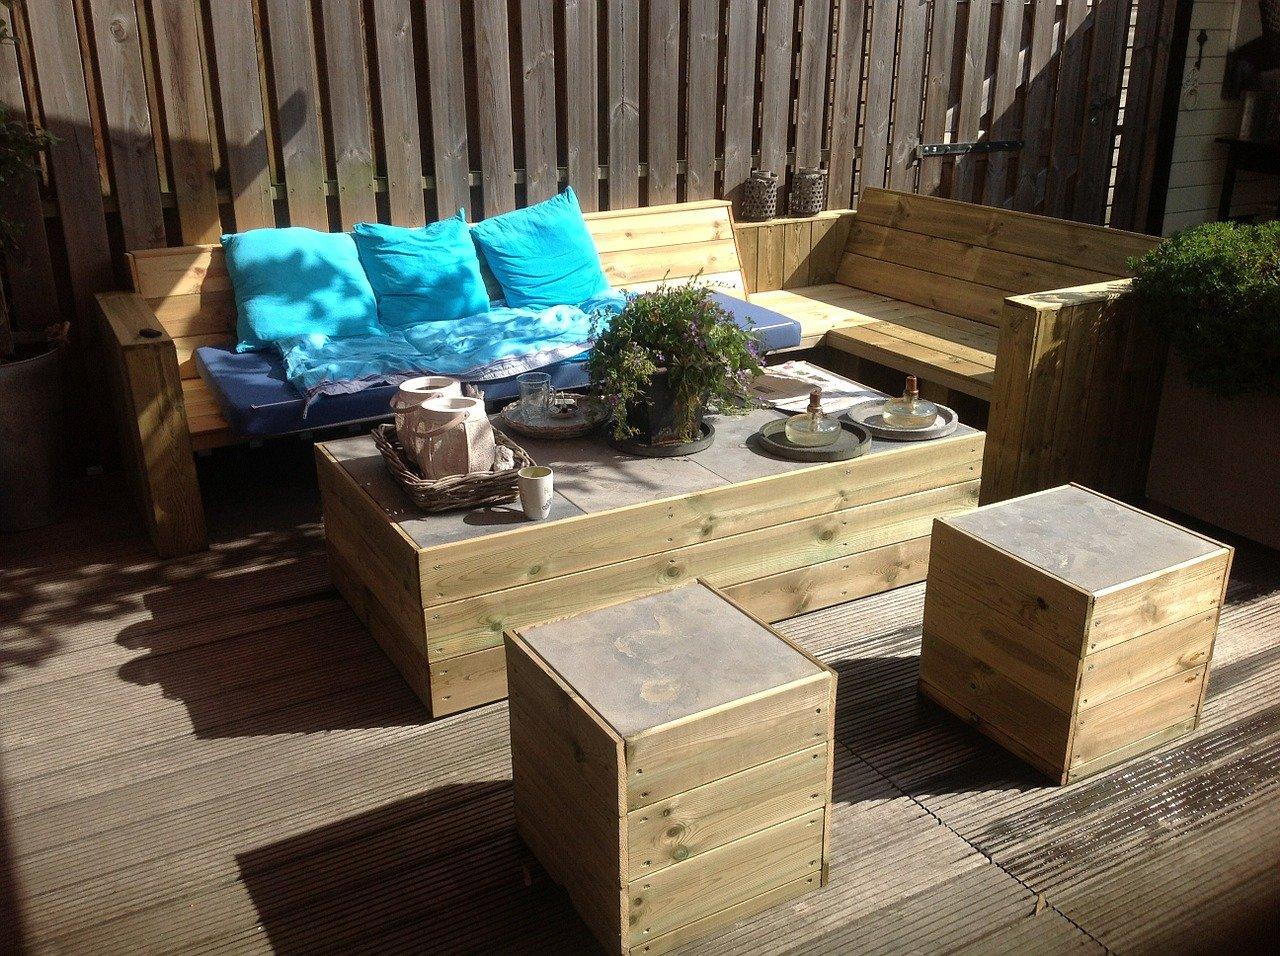 Welche Möbel eignen sich am besten für den Garten?